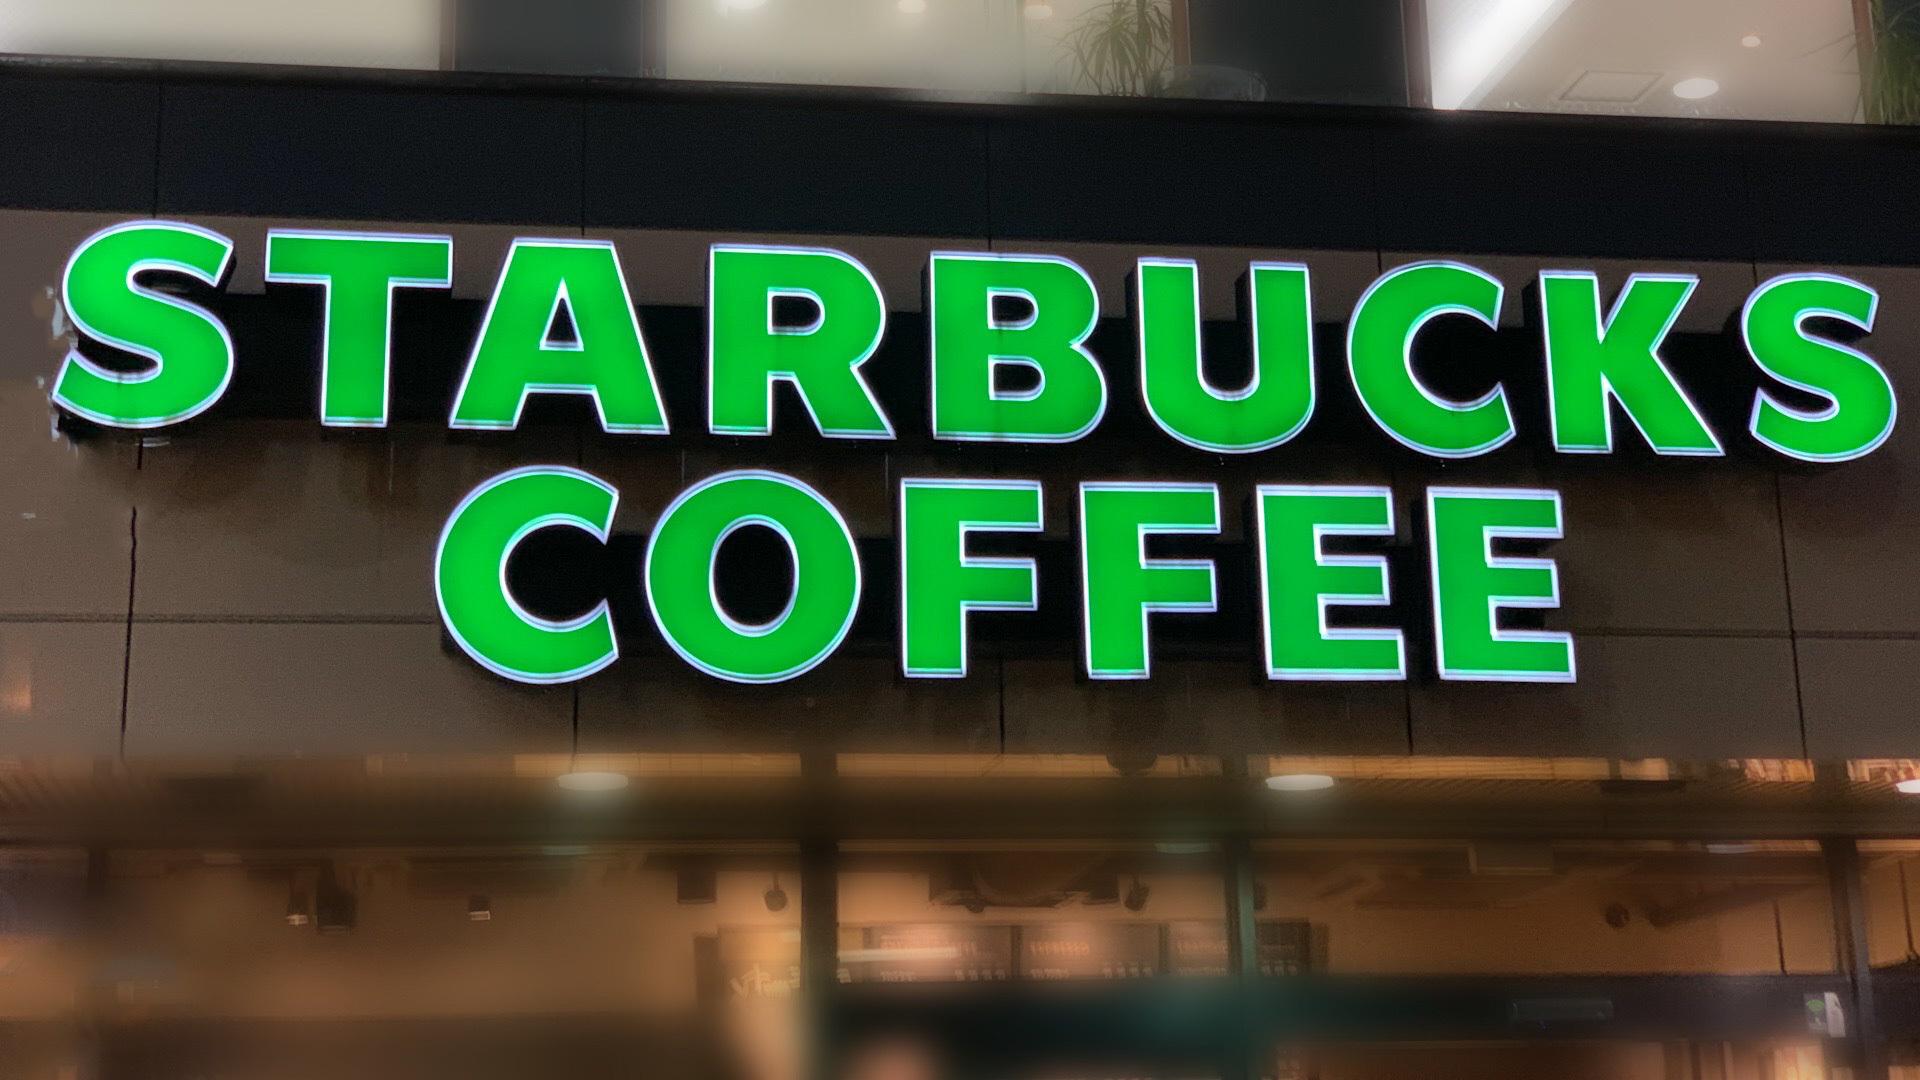 スターバックスコーヒー店の看板